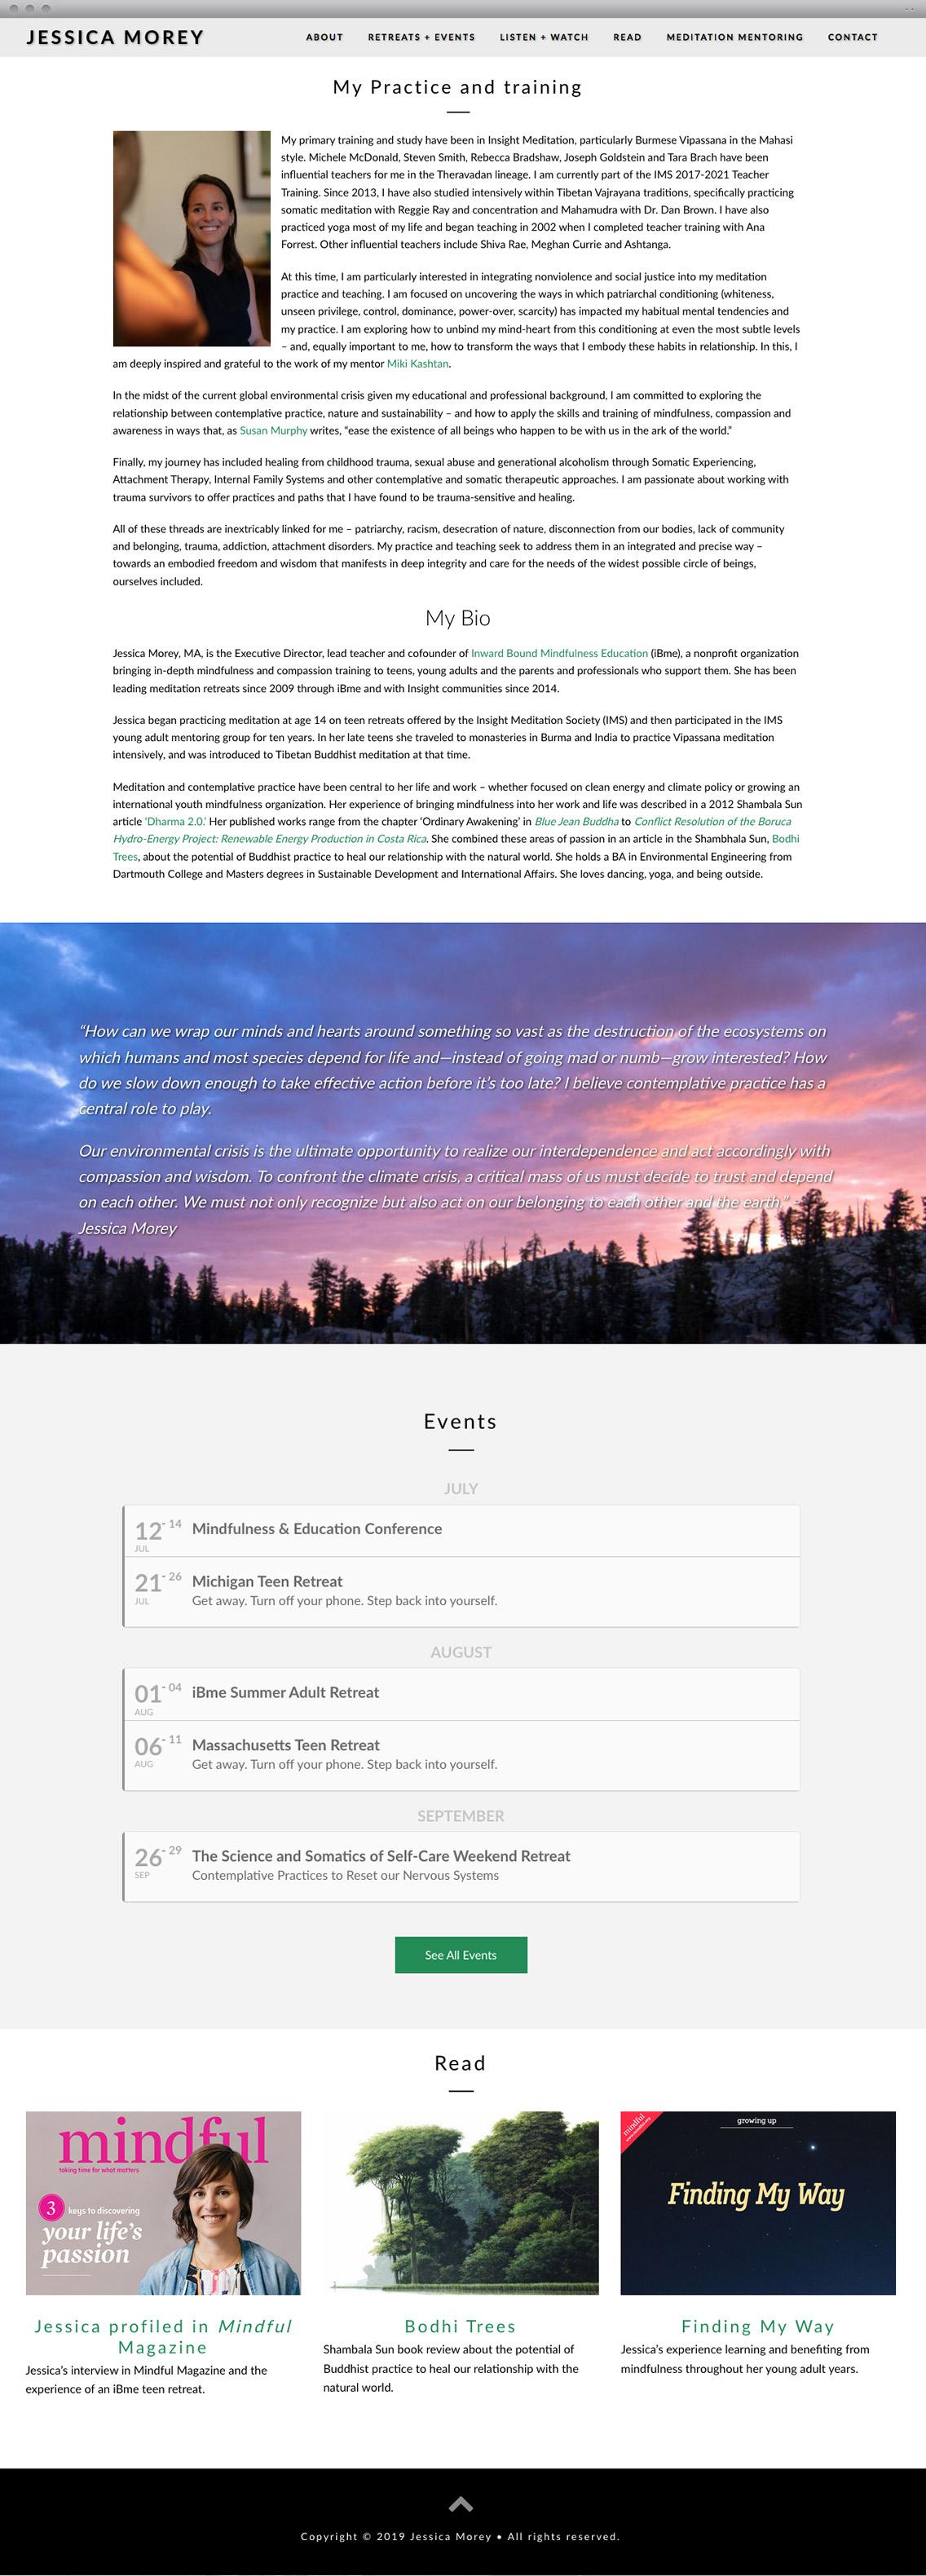 JM Content Page